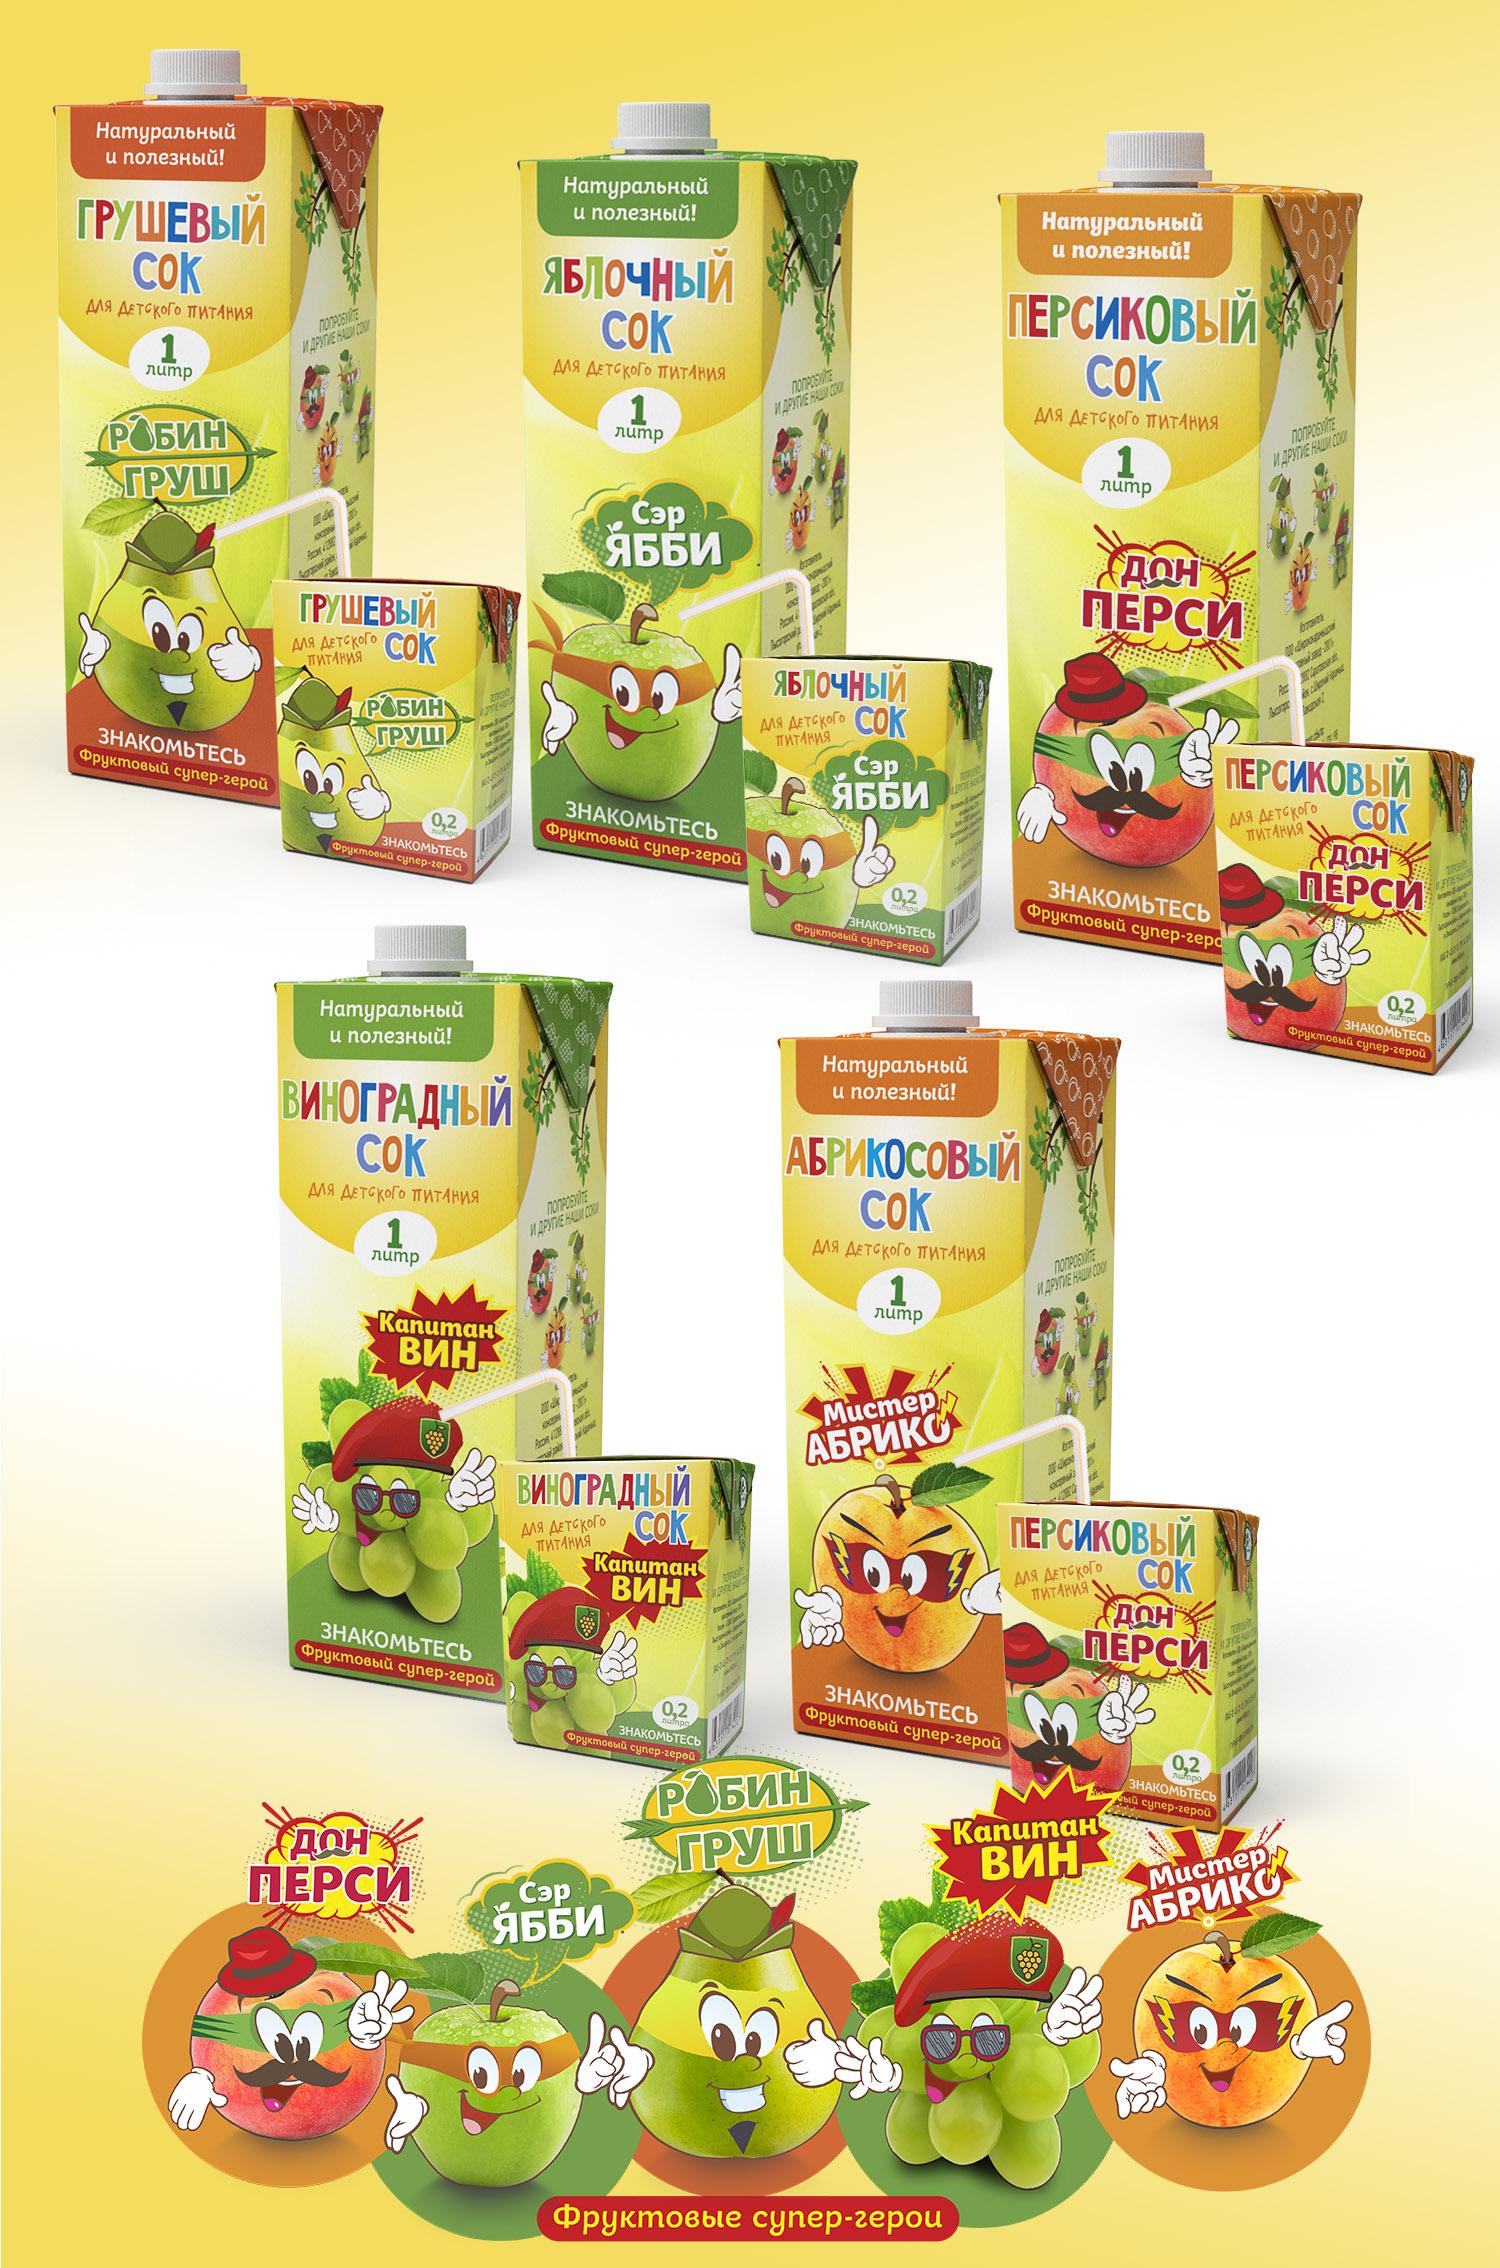 Серия упаковок для детского сока - Фруктовые супергерои.